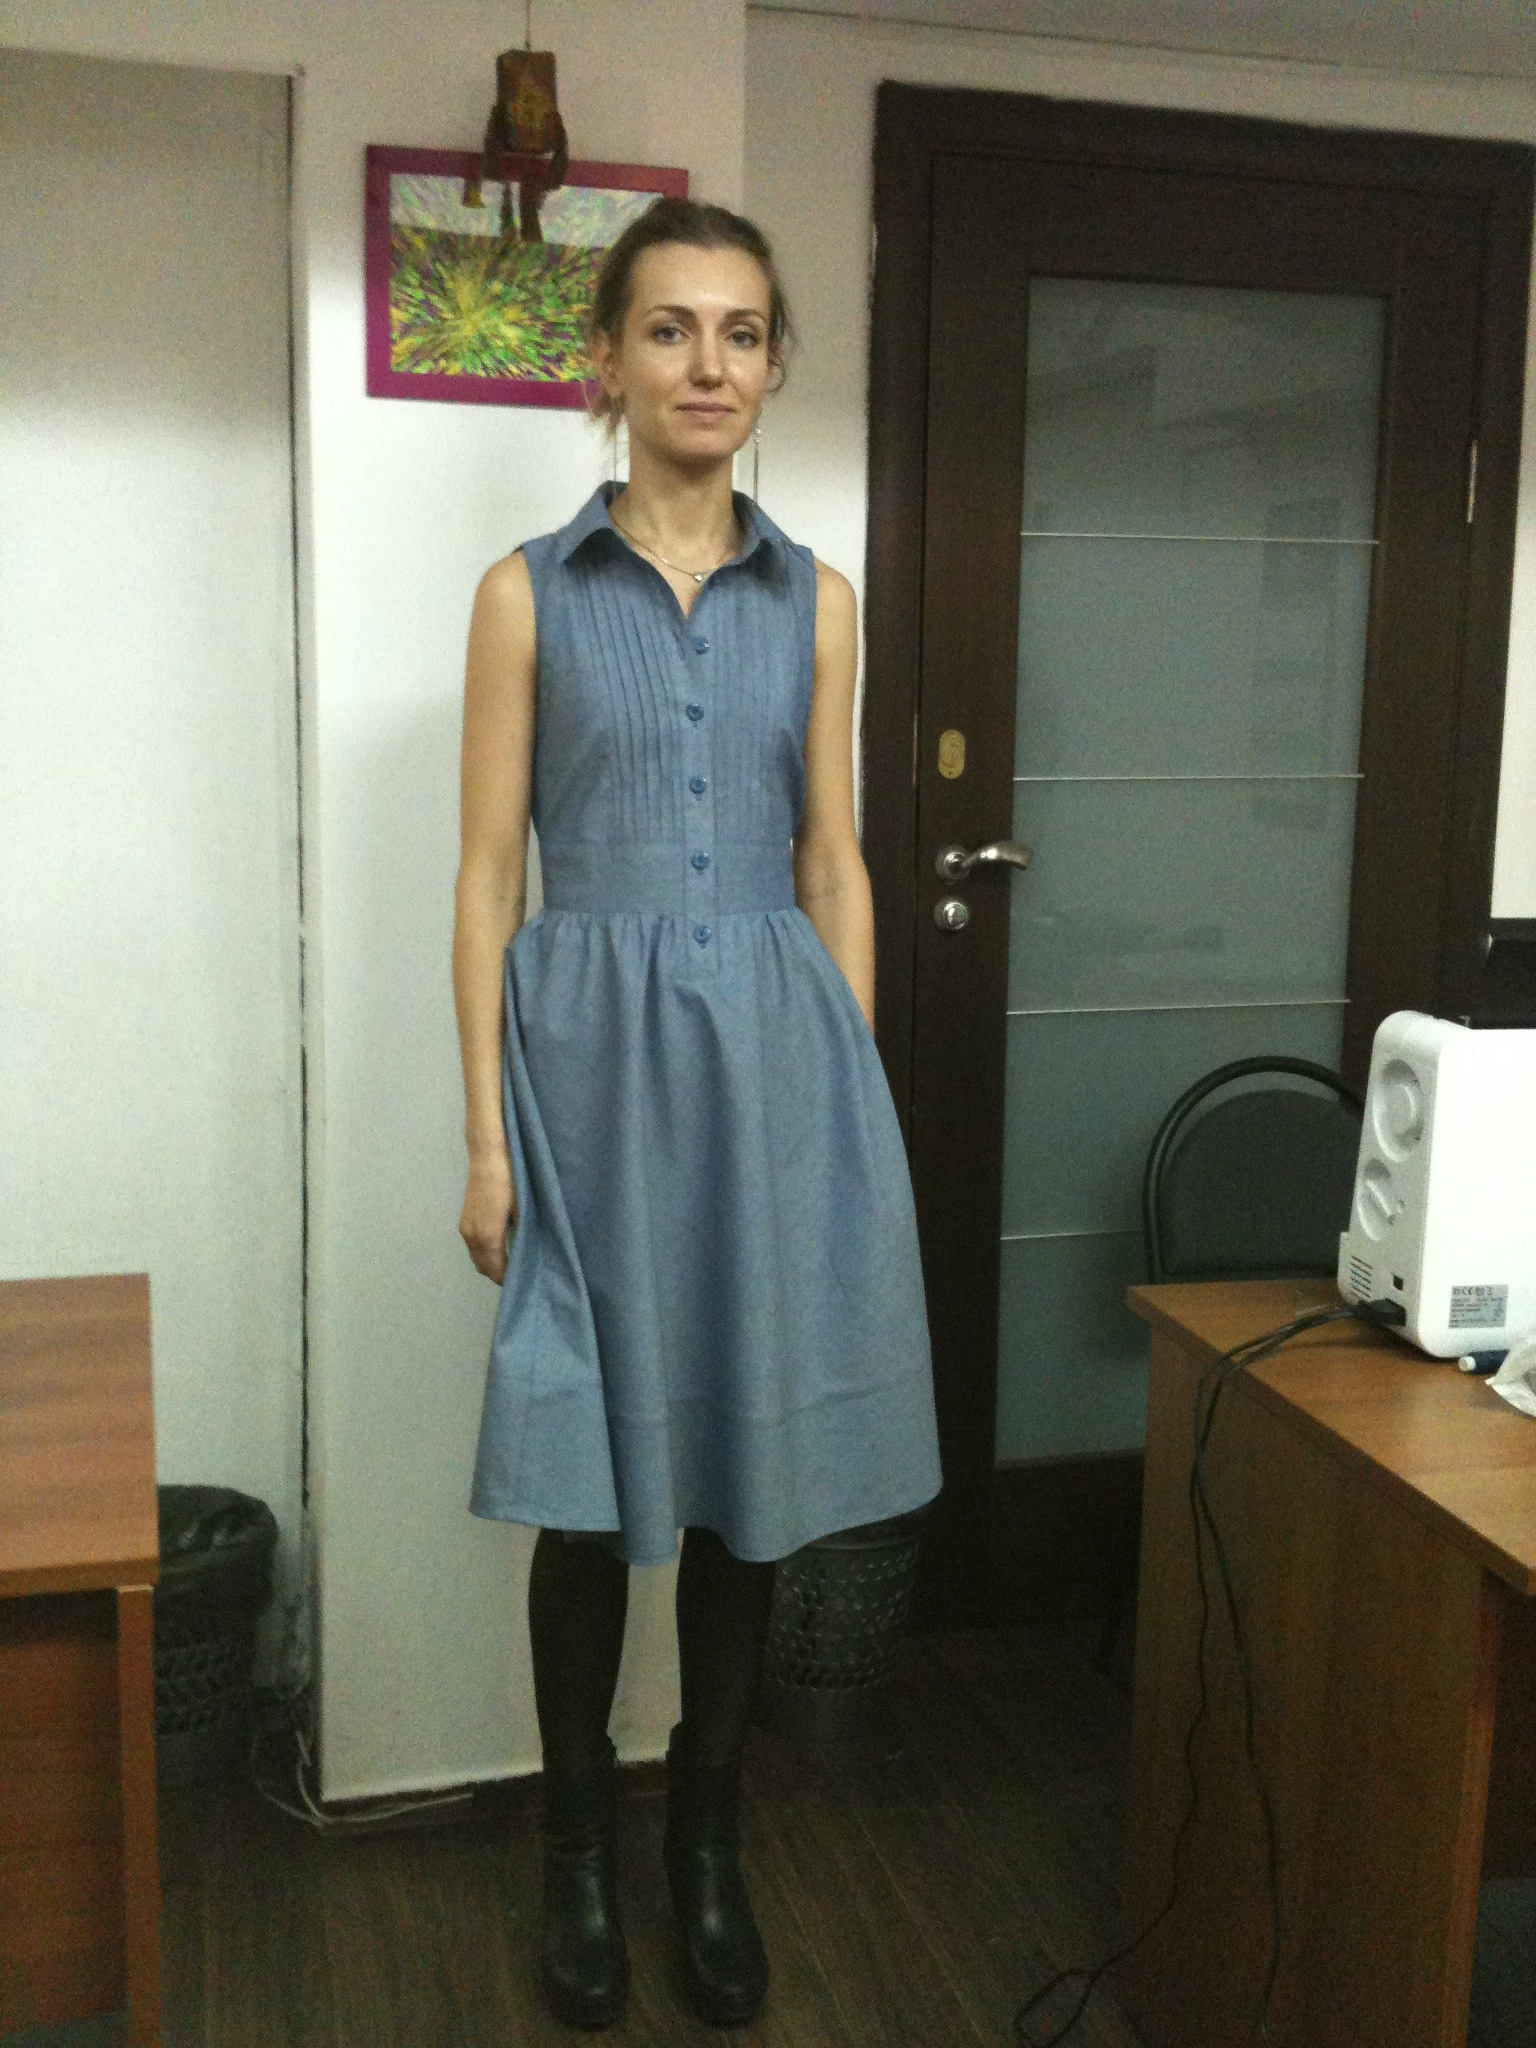 Платье сшито на курсах кройки и шитья Школа дизайнерского мастерства Елизаветы Добрицкой